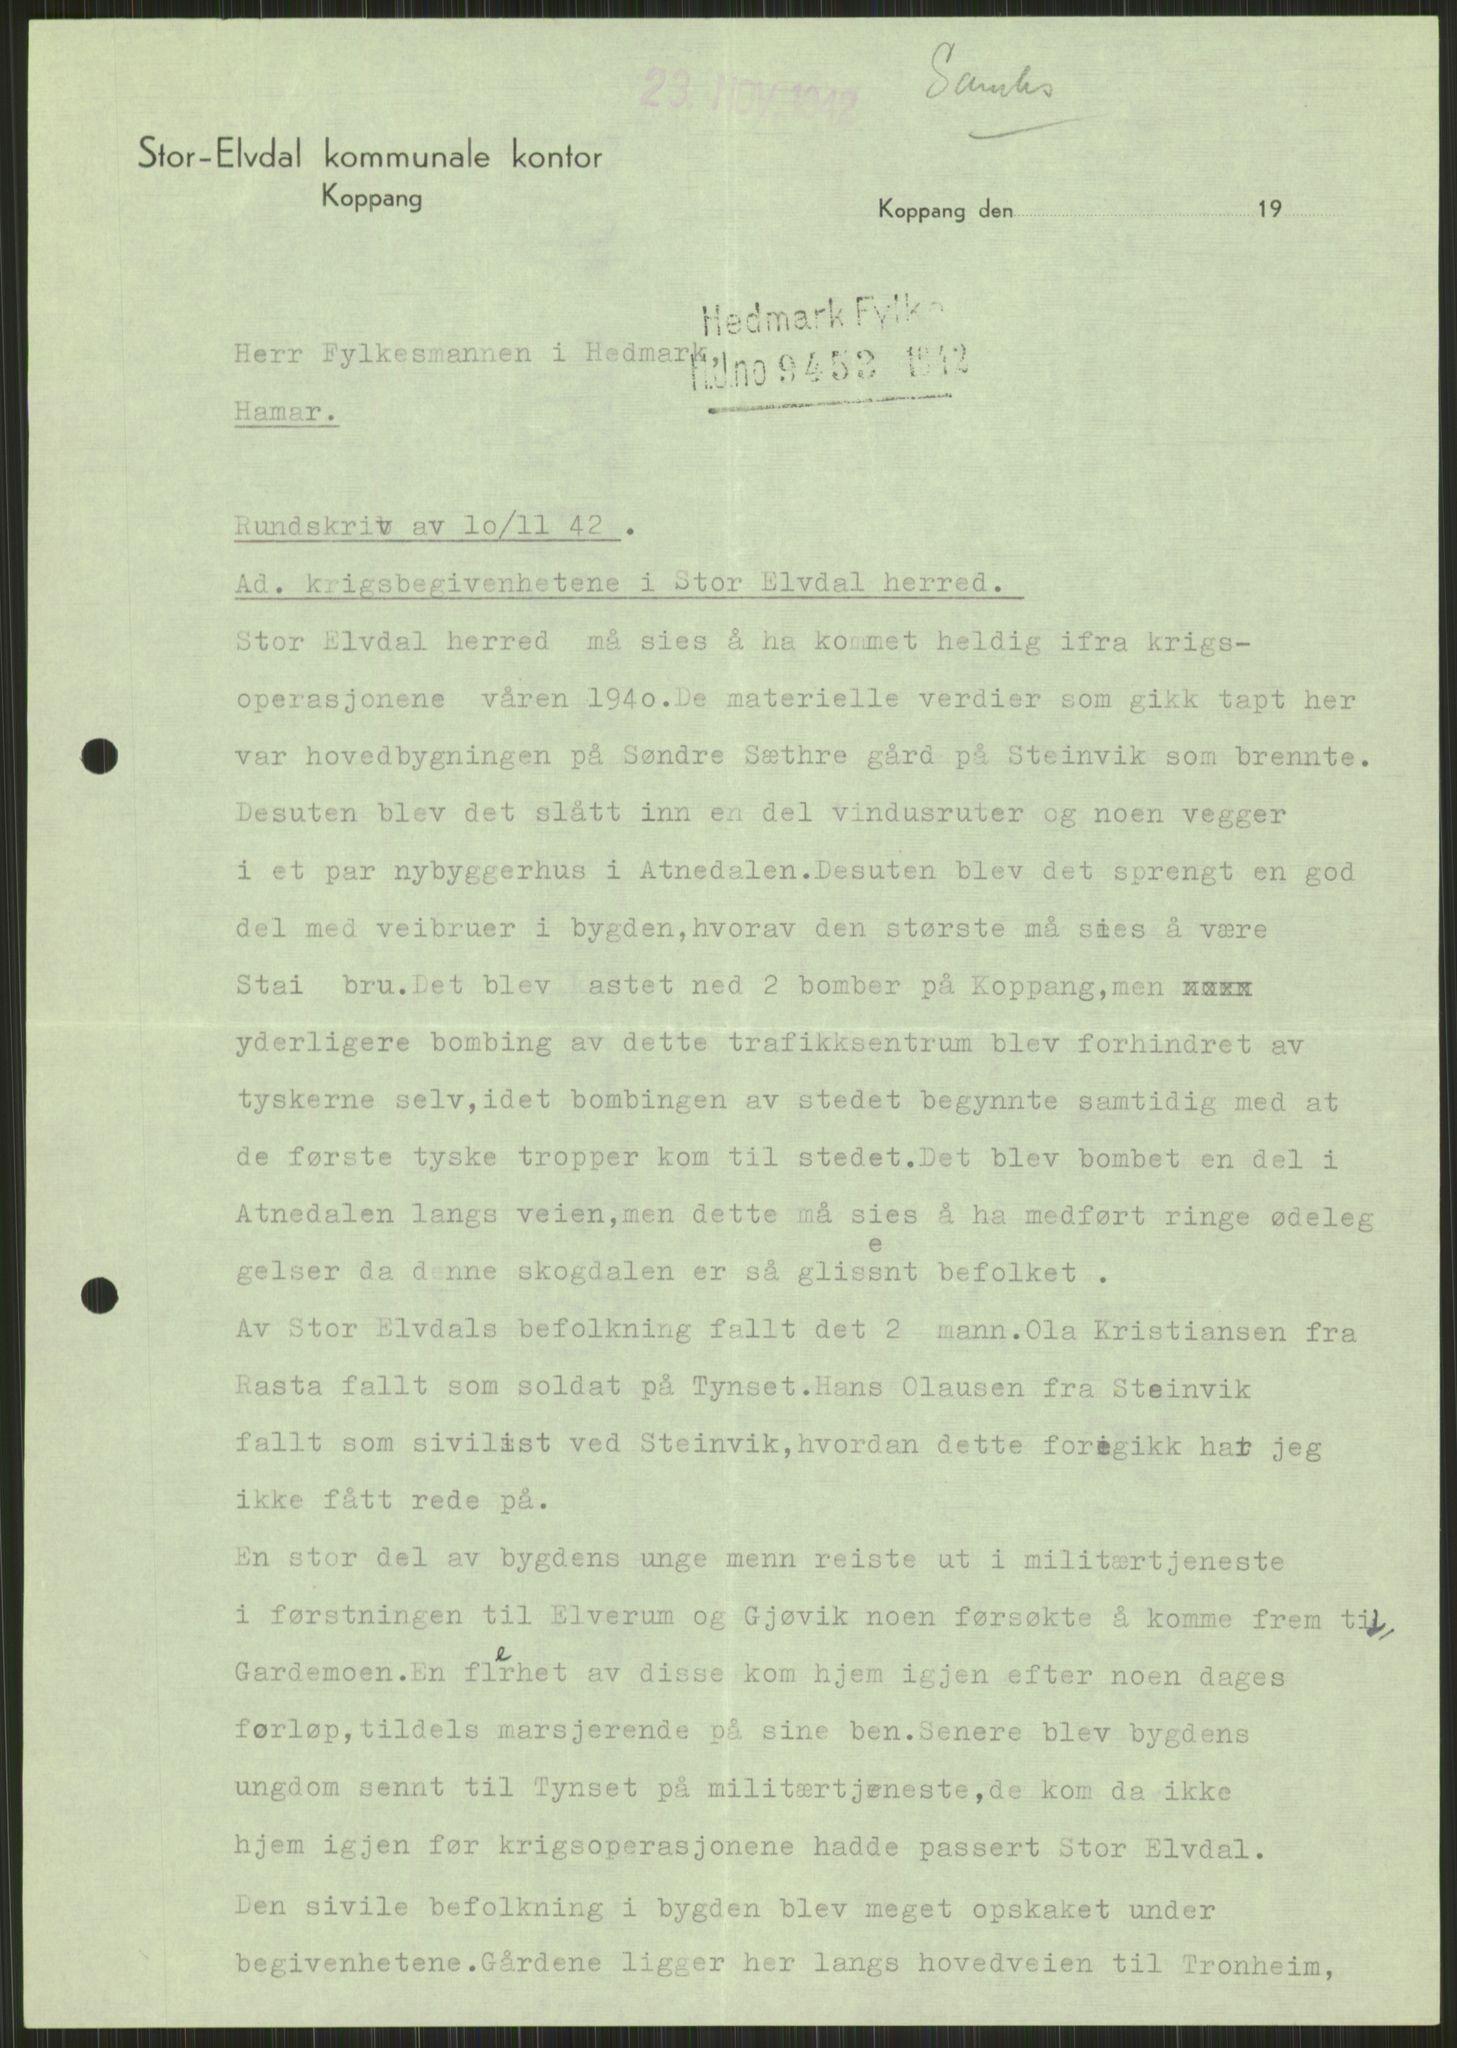 RA, Forsvaret, Forsvarets krigshistoriske avdeling, Y/Ya/L0013: II-C-11-31 - Fylkesmenn.  Rapporter om krigsbegivenhetene 1940., 1940, s. 976